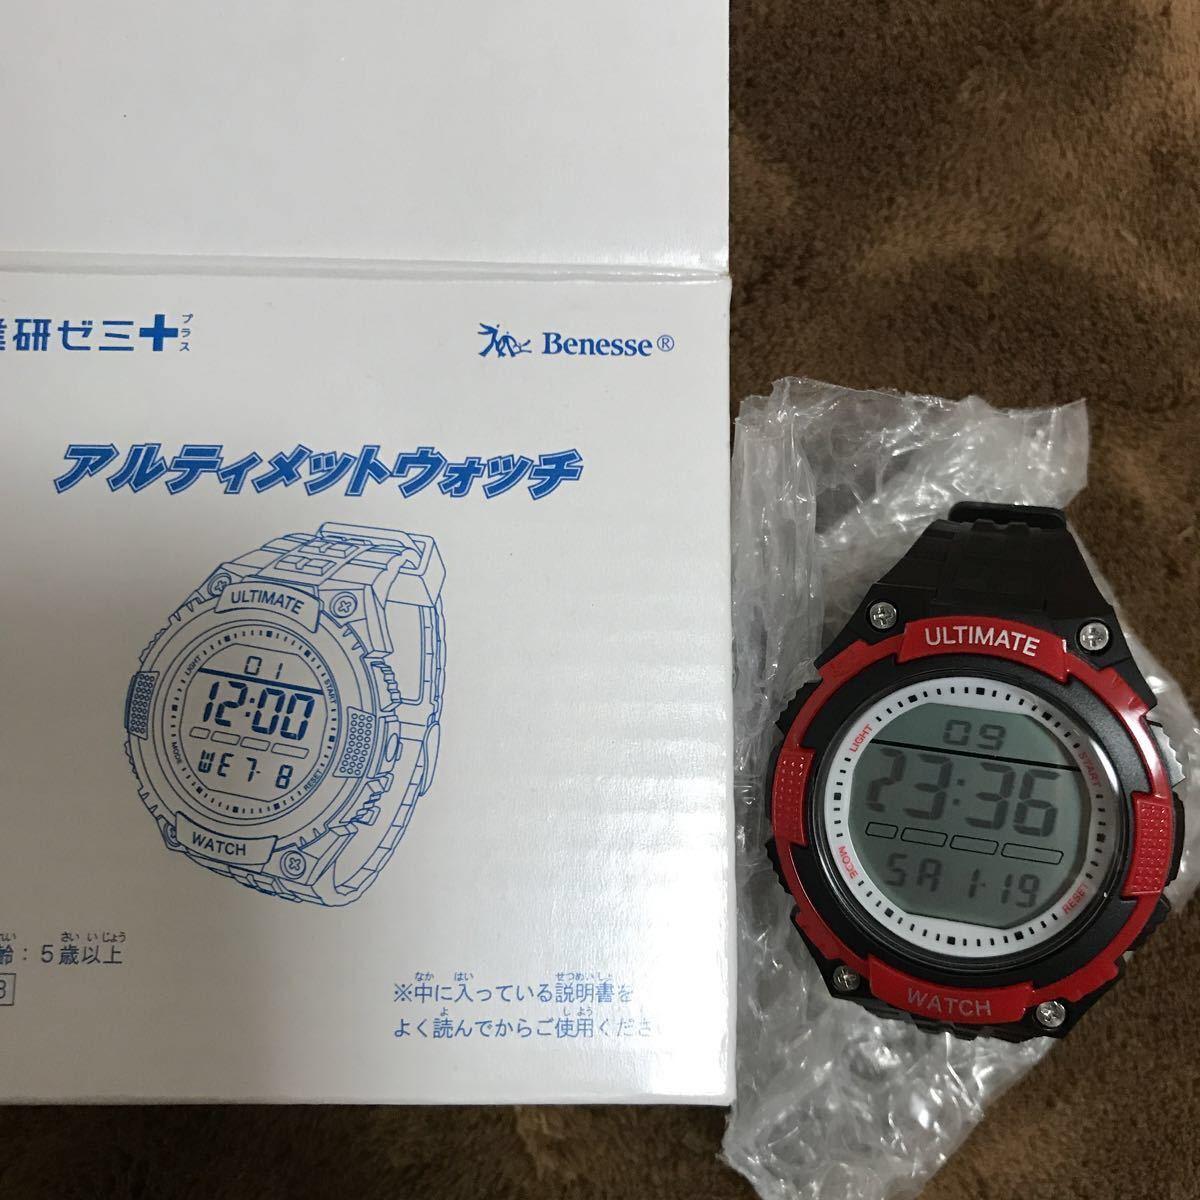 男の子 腕時計 アルティメットウォッチ 新品 進研ゼミ ベネッセ